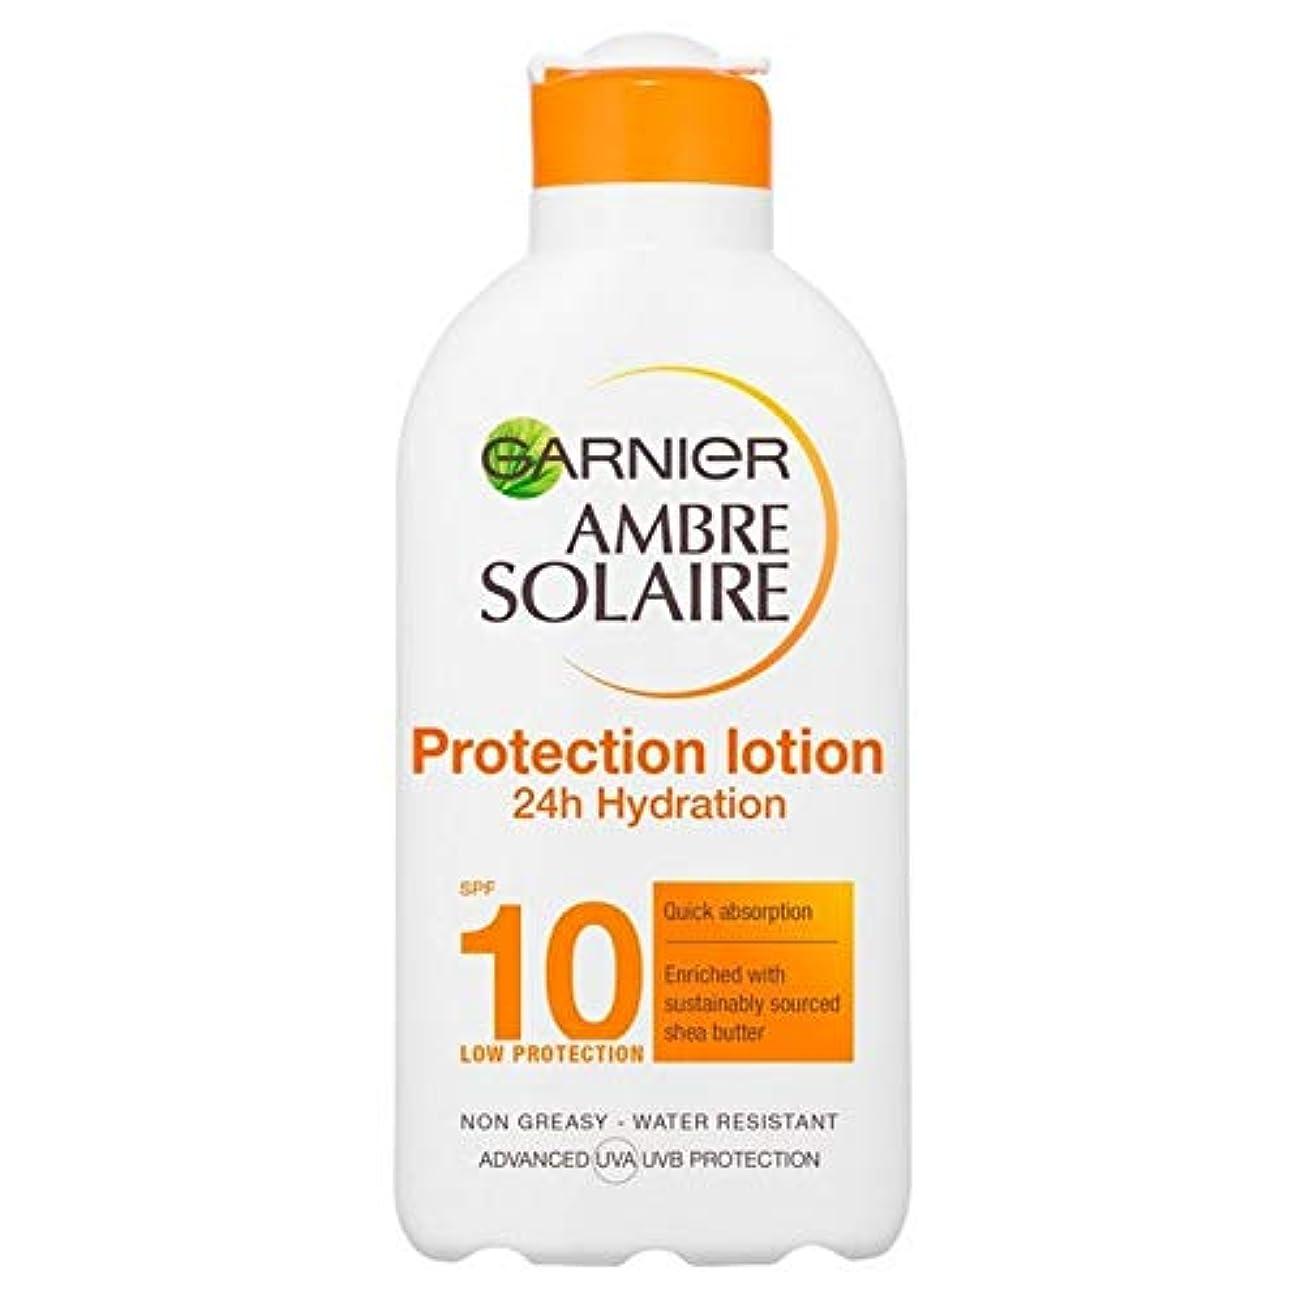 見つけたブレーク約束する[Garnier ] アンブレSolaire超水和日クリームSpf10の200ミリリットル - Ambre Solaire Ultra-hydrating Sun Cream SPF10 200ml [並行輸入品]